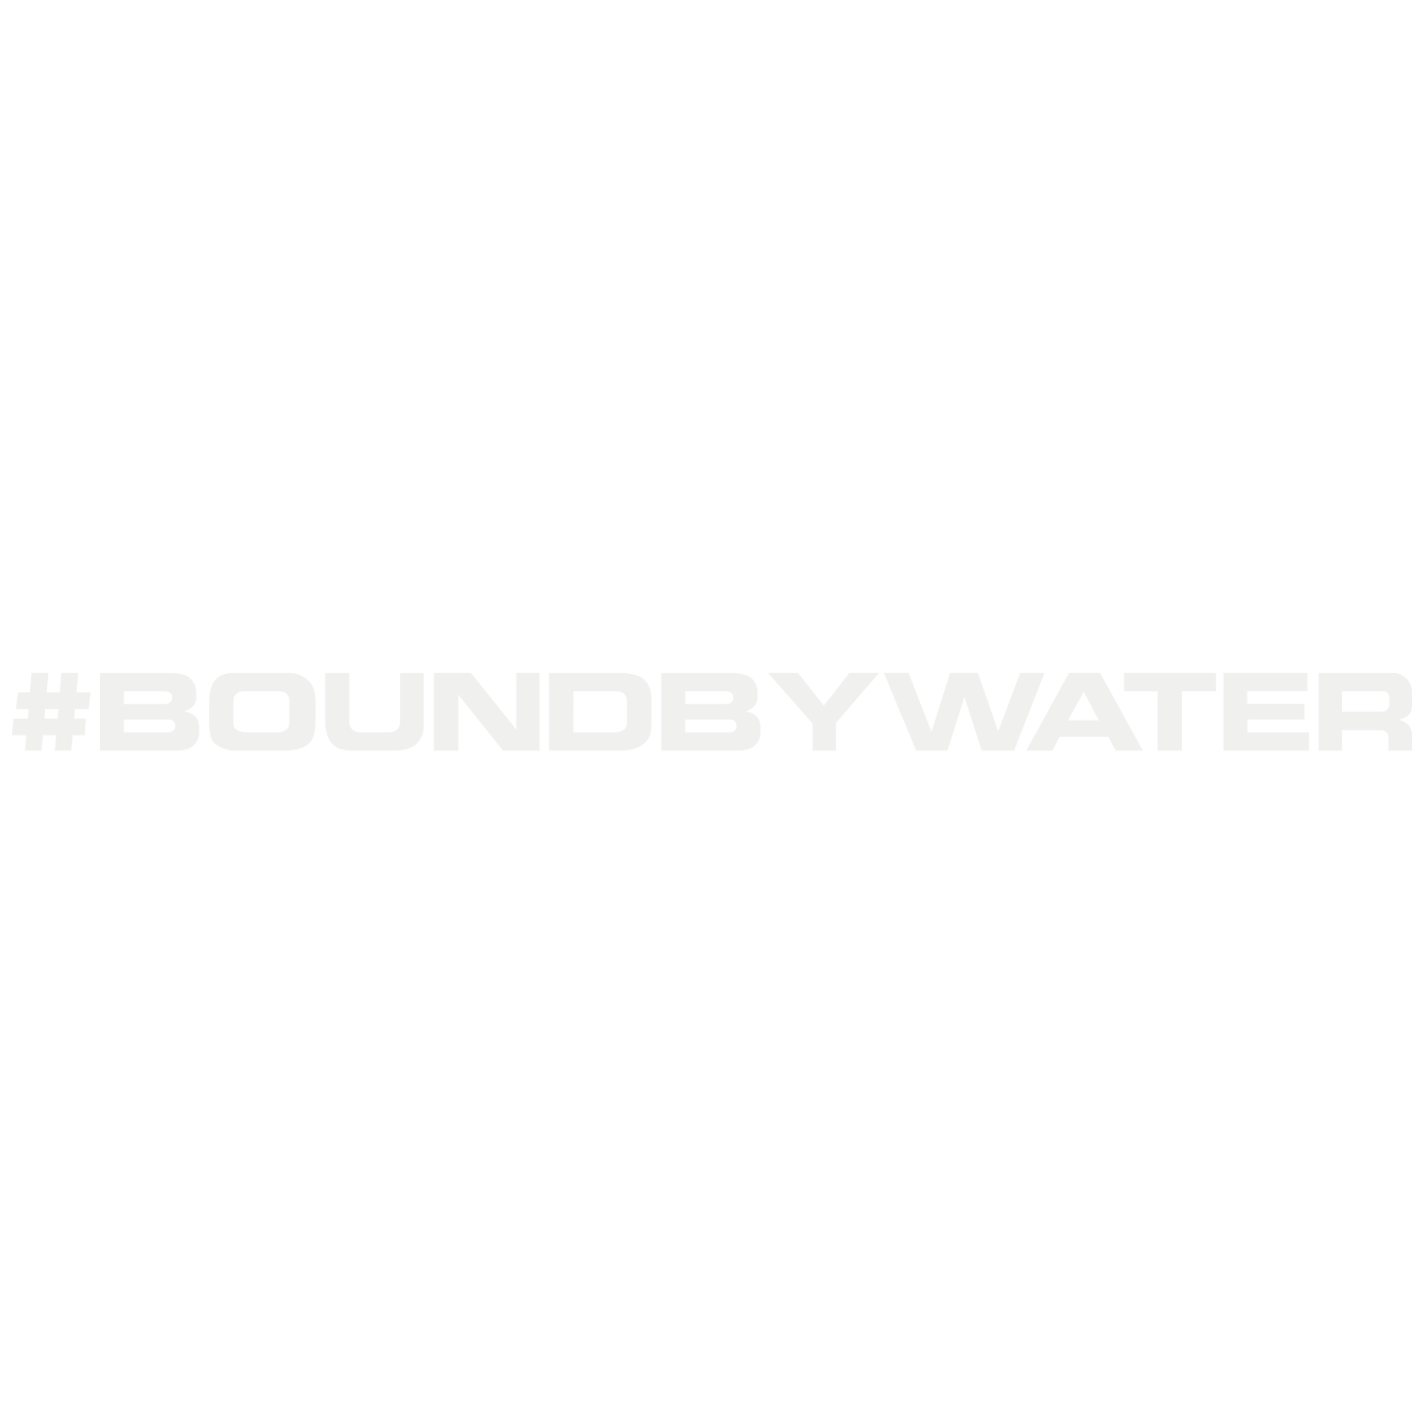 SURF SIC - PISTOL WHIP (SL) 6'0''- Deck - 103369